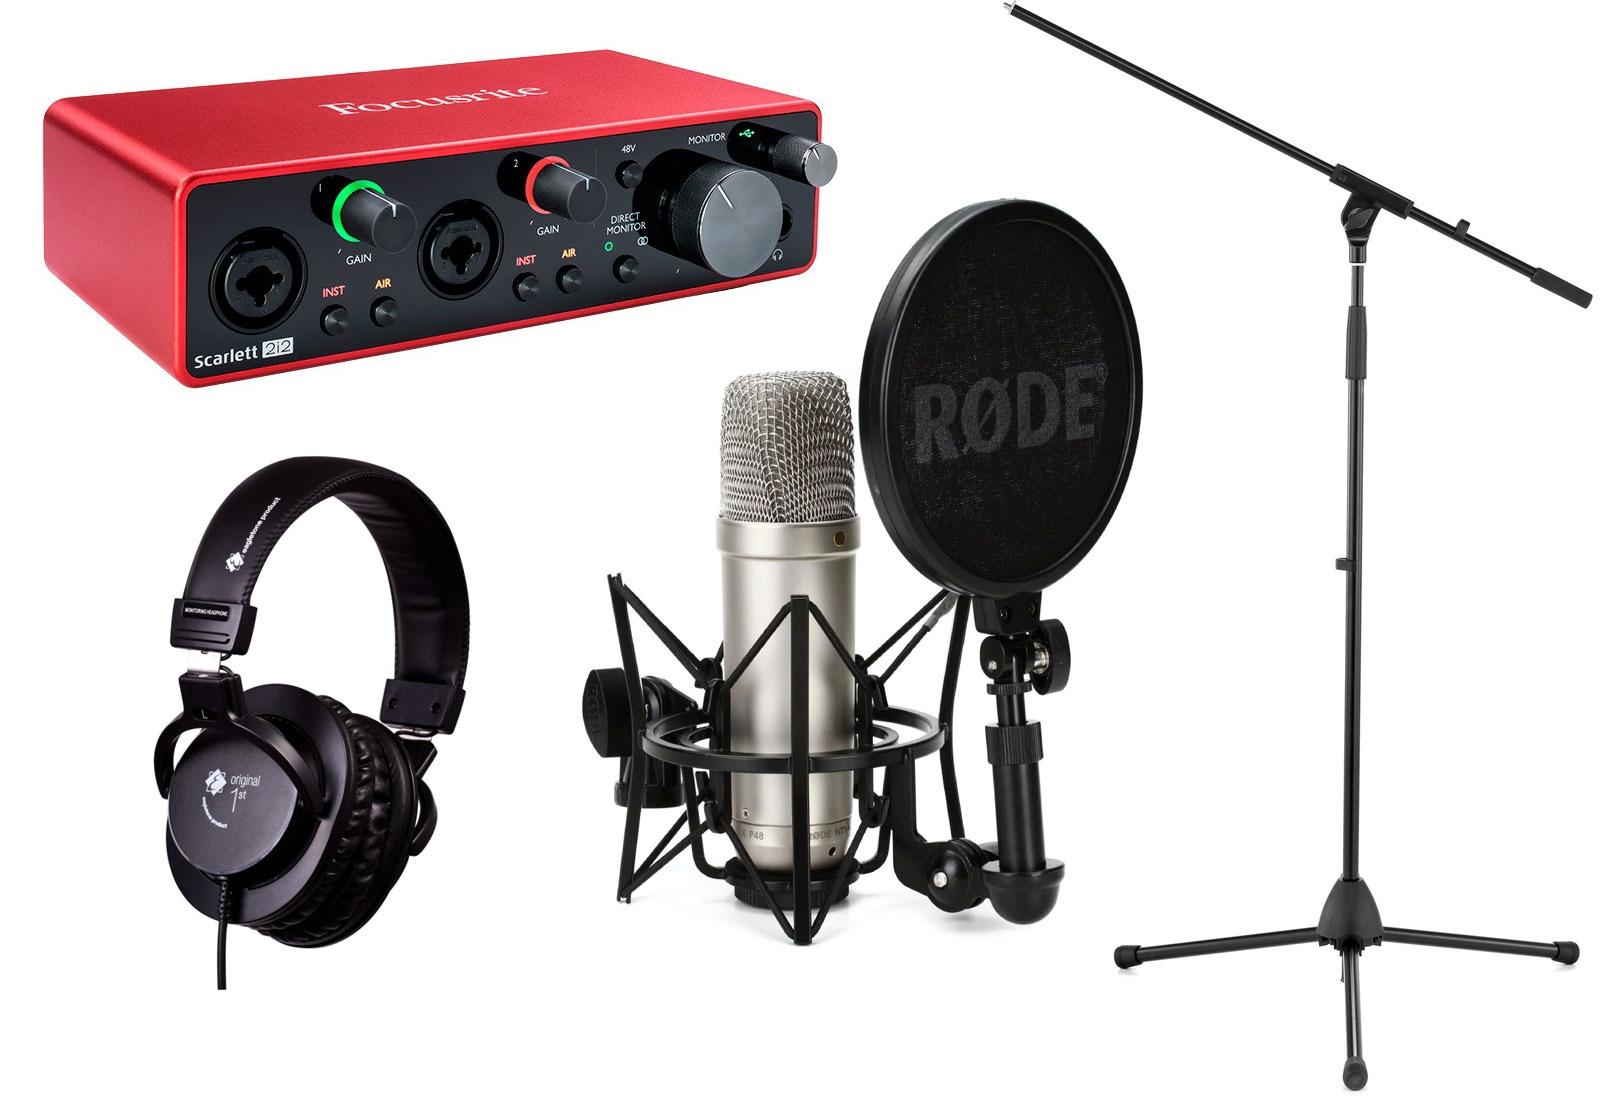 Pack Interface audio Focusrite Scarlett 2i2 G3 + Micro Rode NT1-A + pied de microphone MIC50 + Casque studio fermé Eagletone Original First